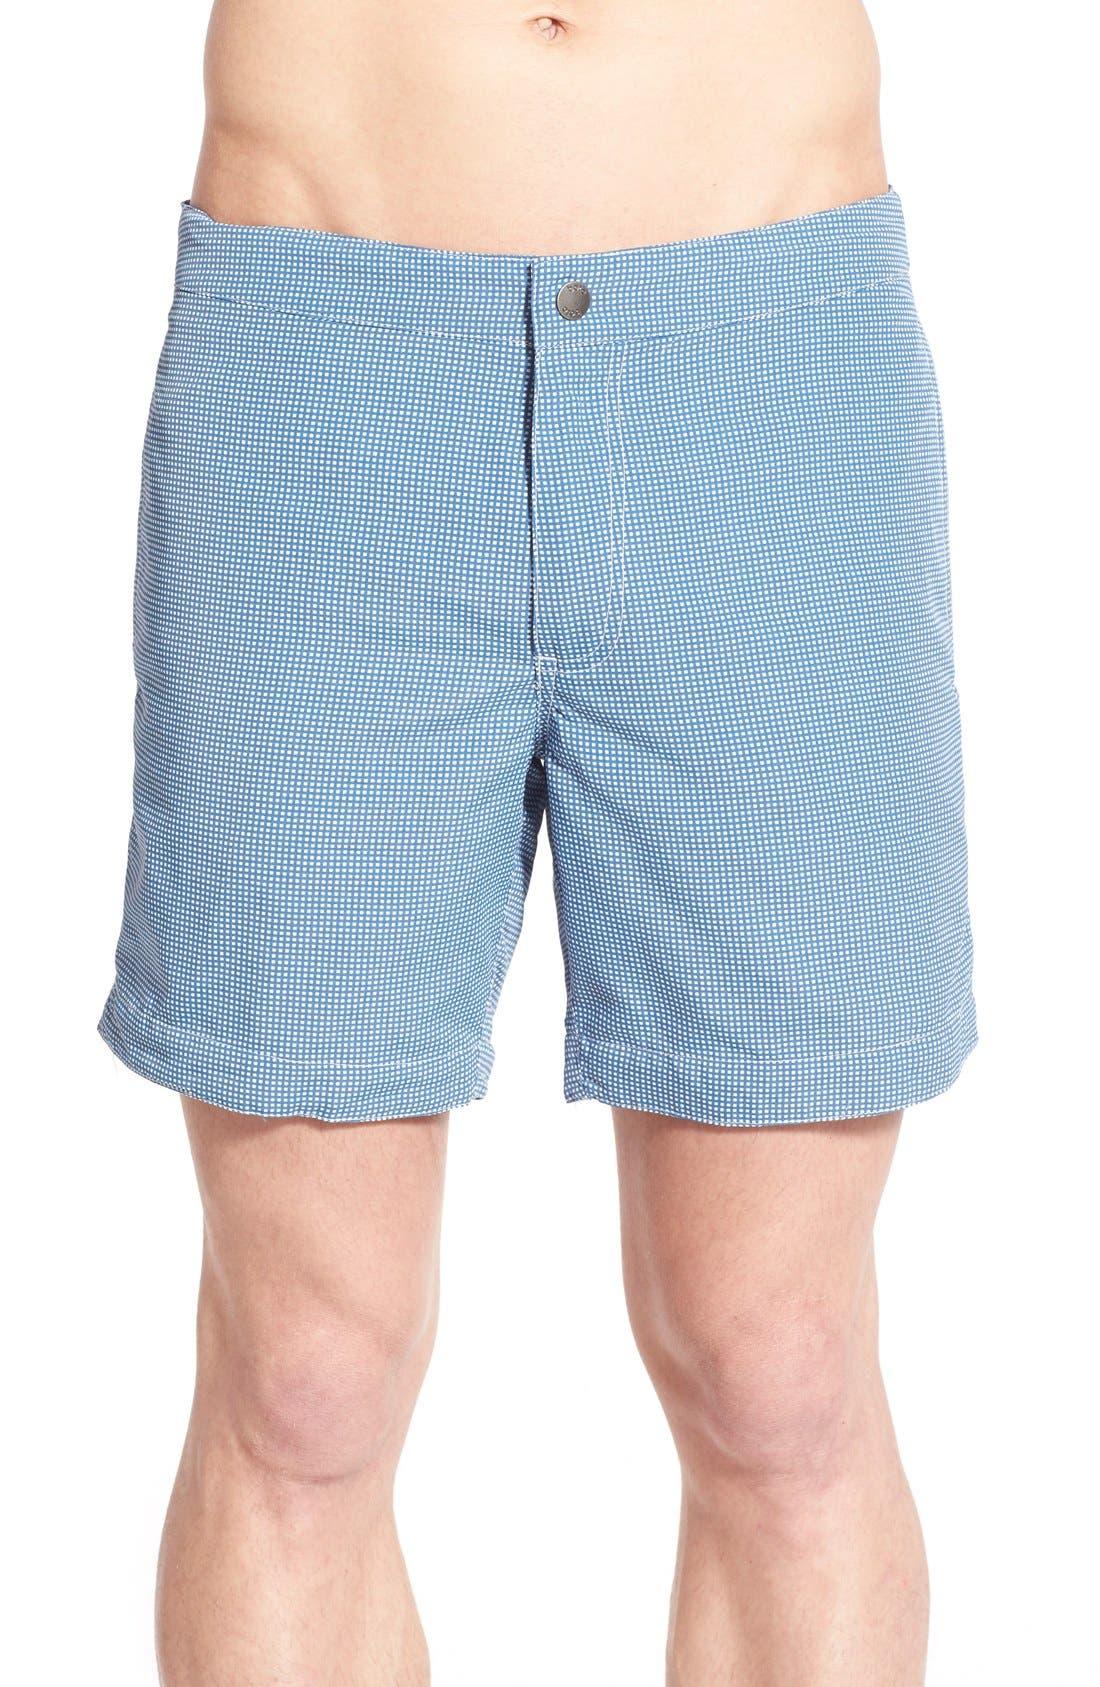 Aruba Tailored Fit Microcheck Swim Trunks,                         Main,                         color, Micro Square Ash Blue